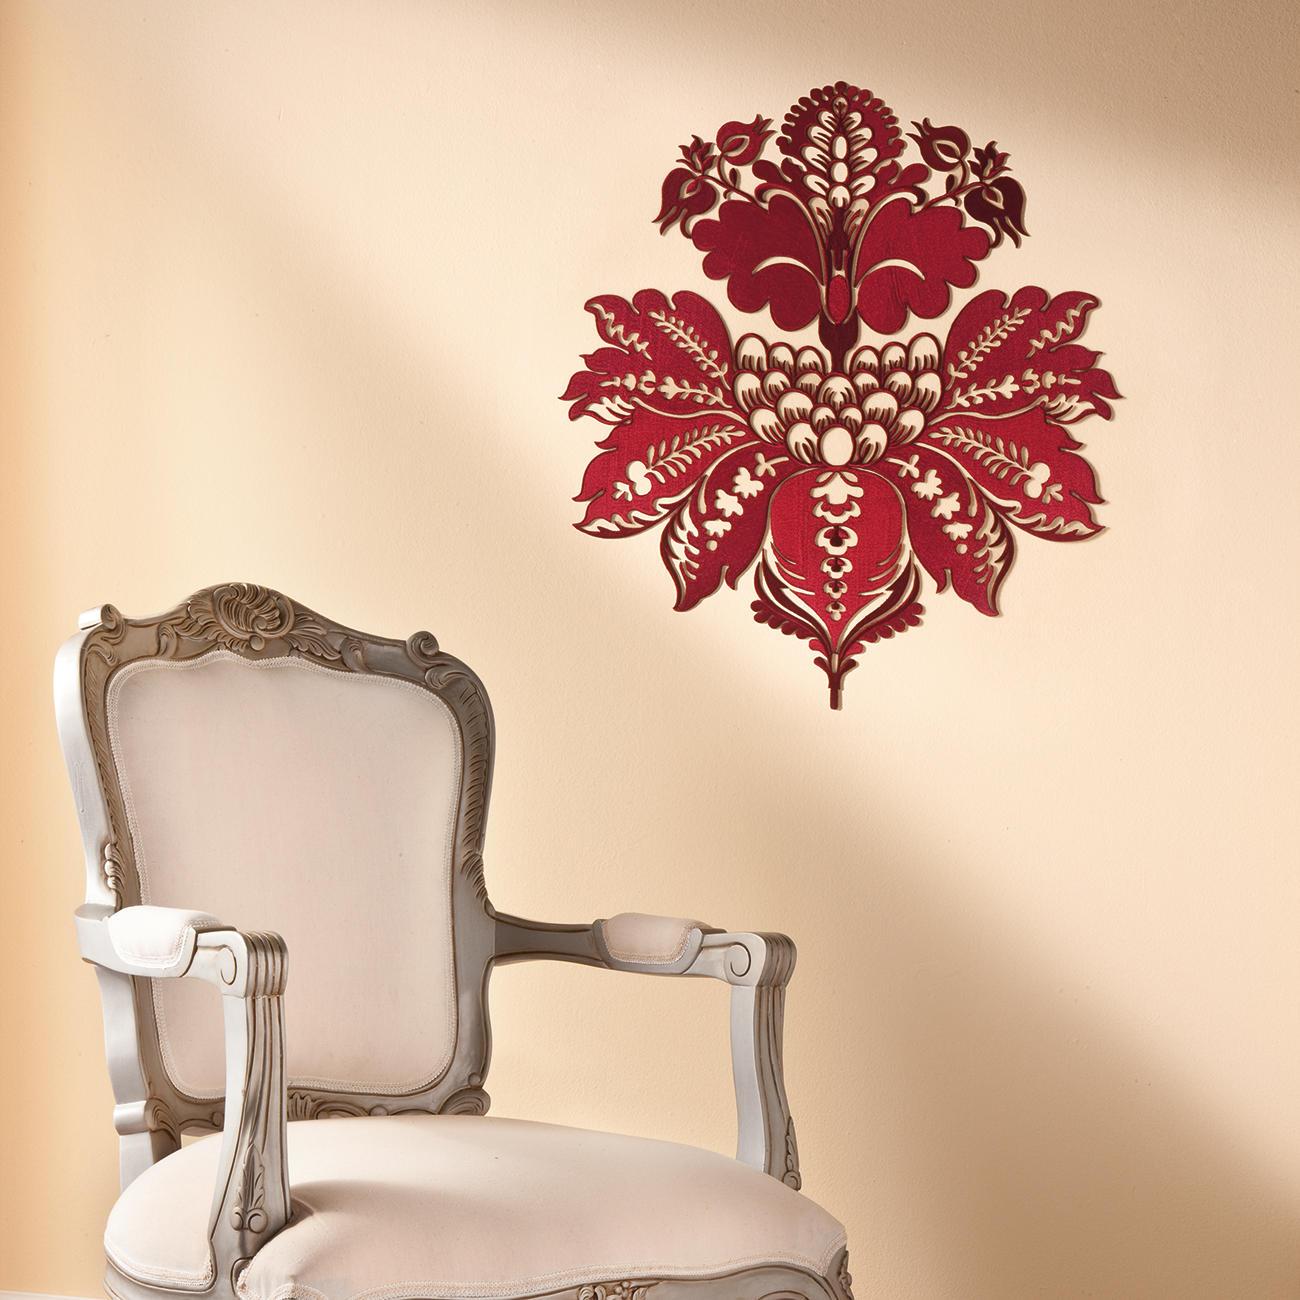 wandtattoo oriona 1 st ck vorh nge online kaufen. Black Bedroom Furniture Sets. Home Design Ideas